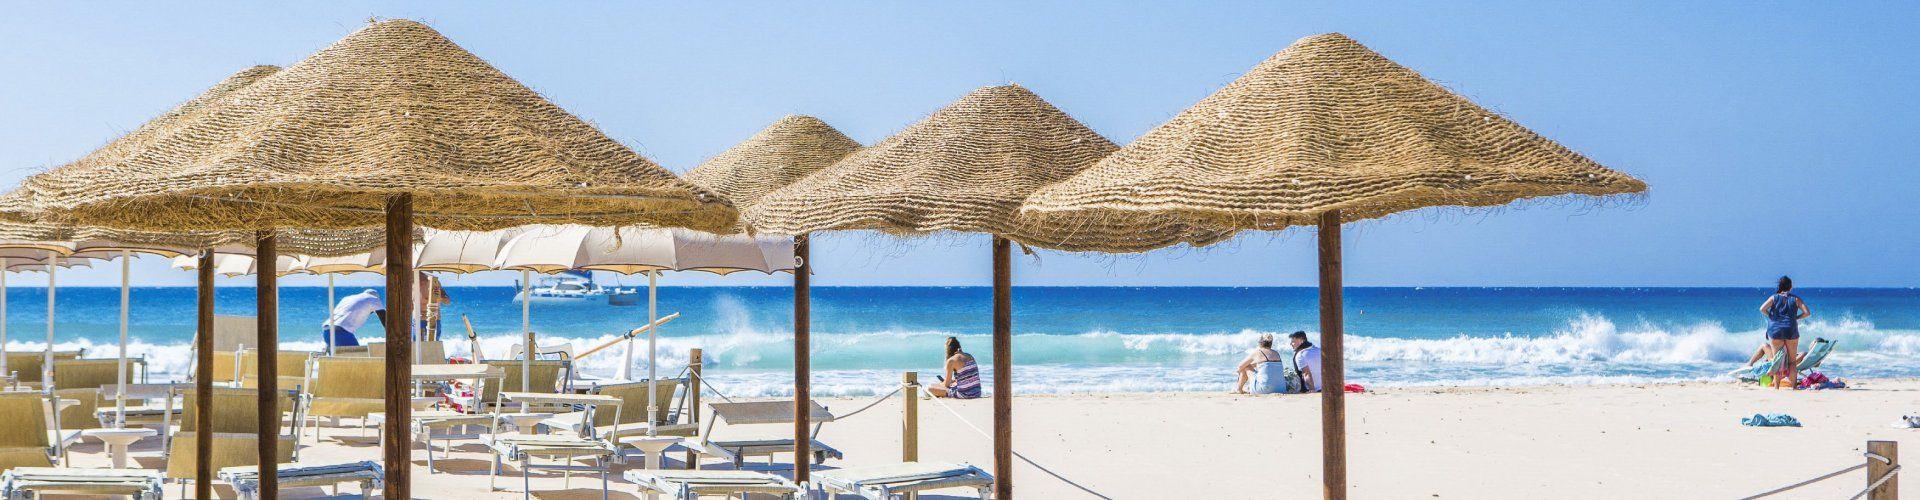 Beach of Chia